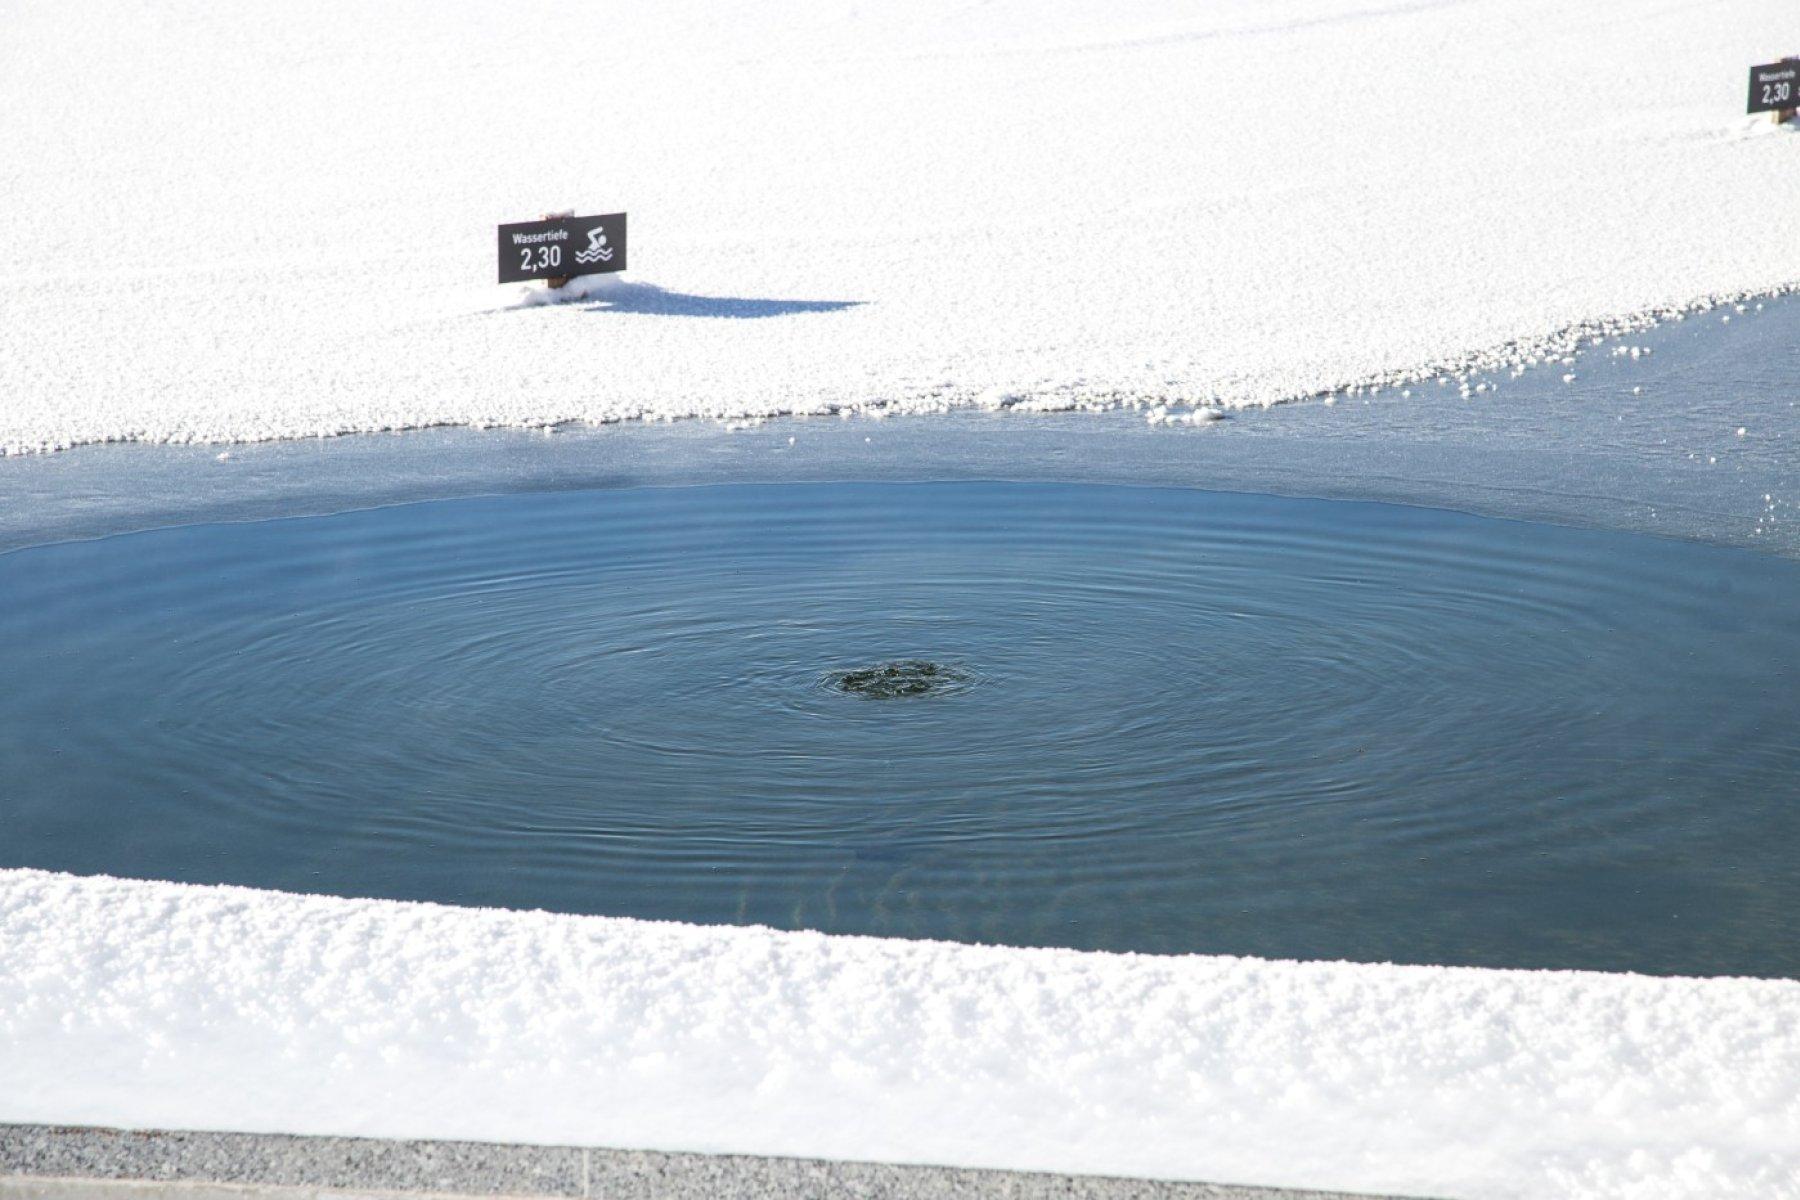 Winter im Natursee. Gibt es bei Haubers eine heiße Quelle?